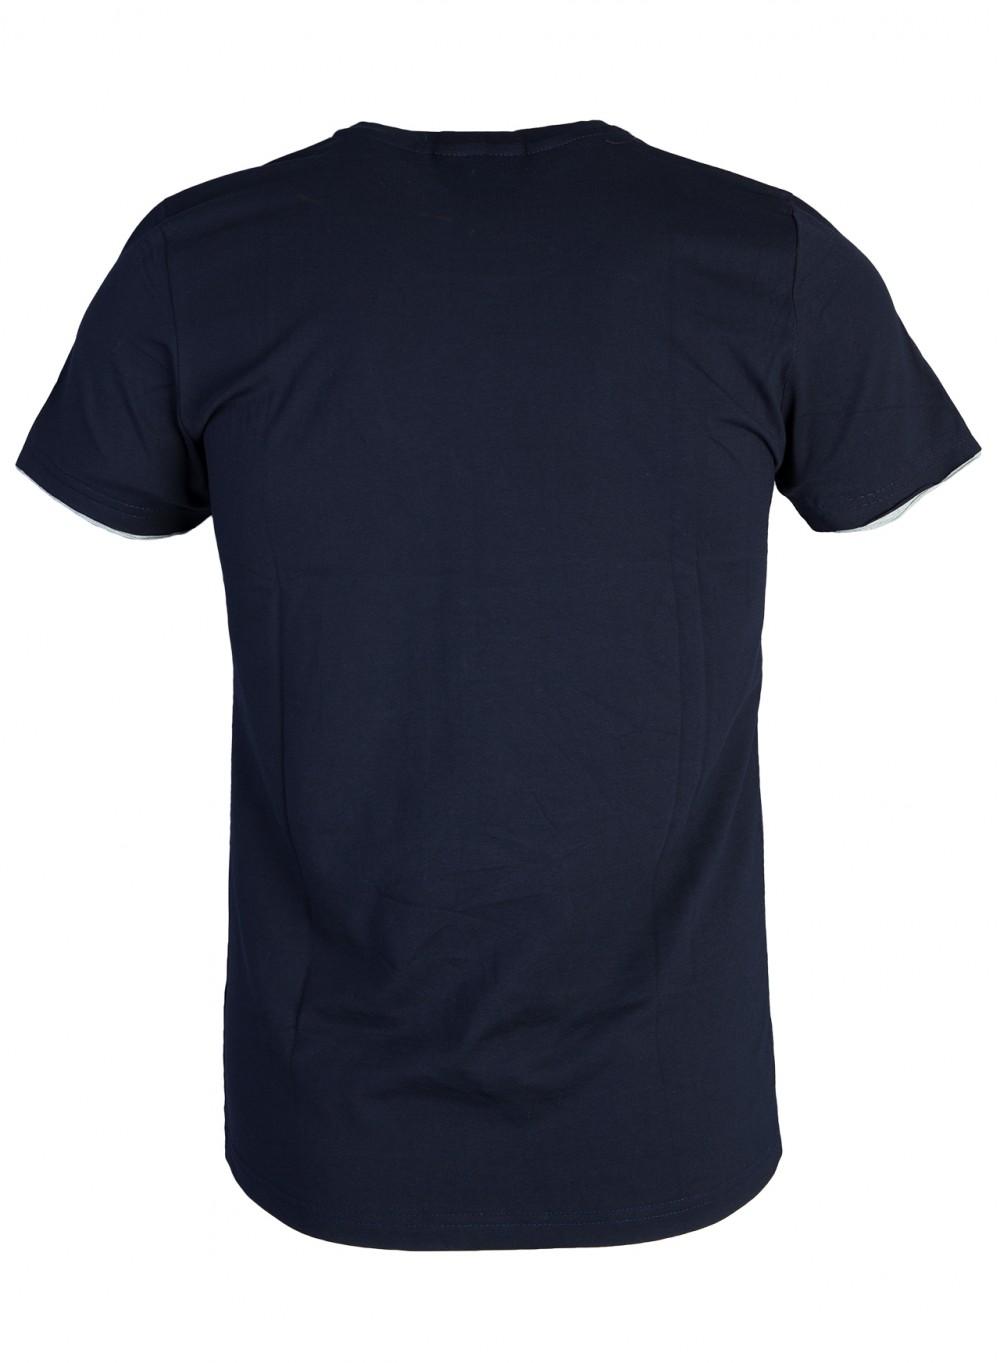 Áo thun xanh đen at761 - 3